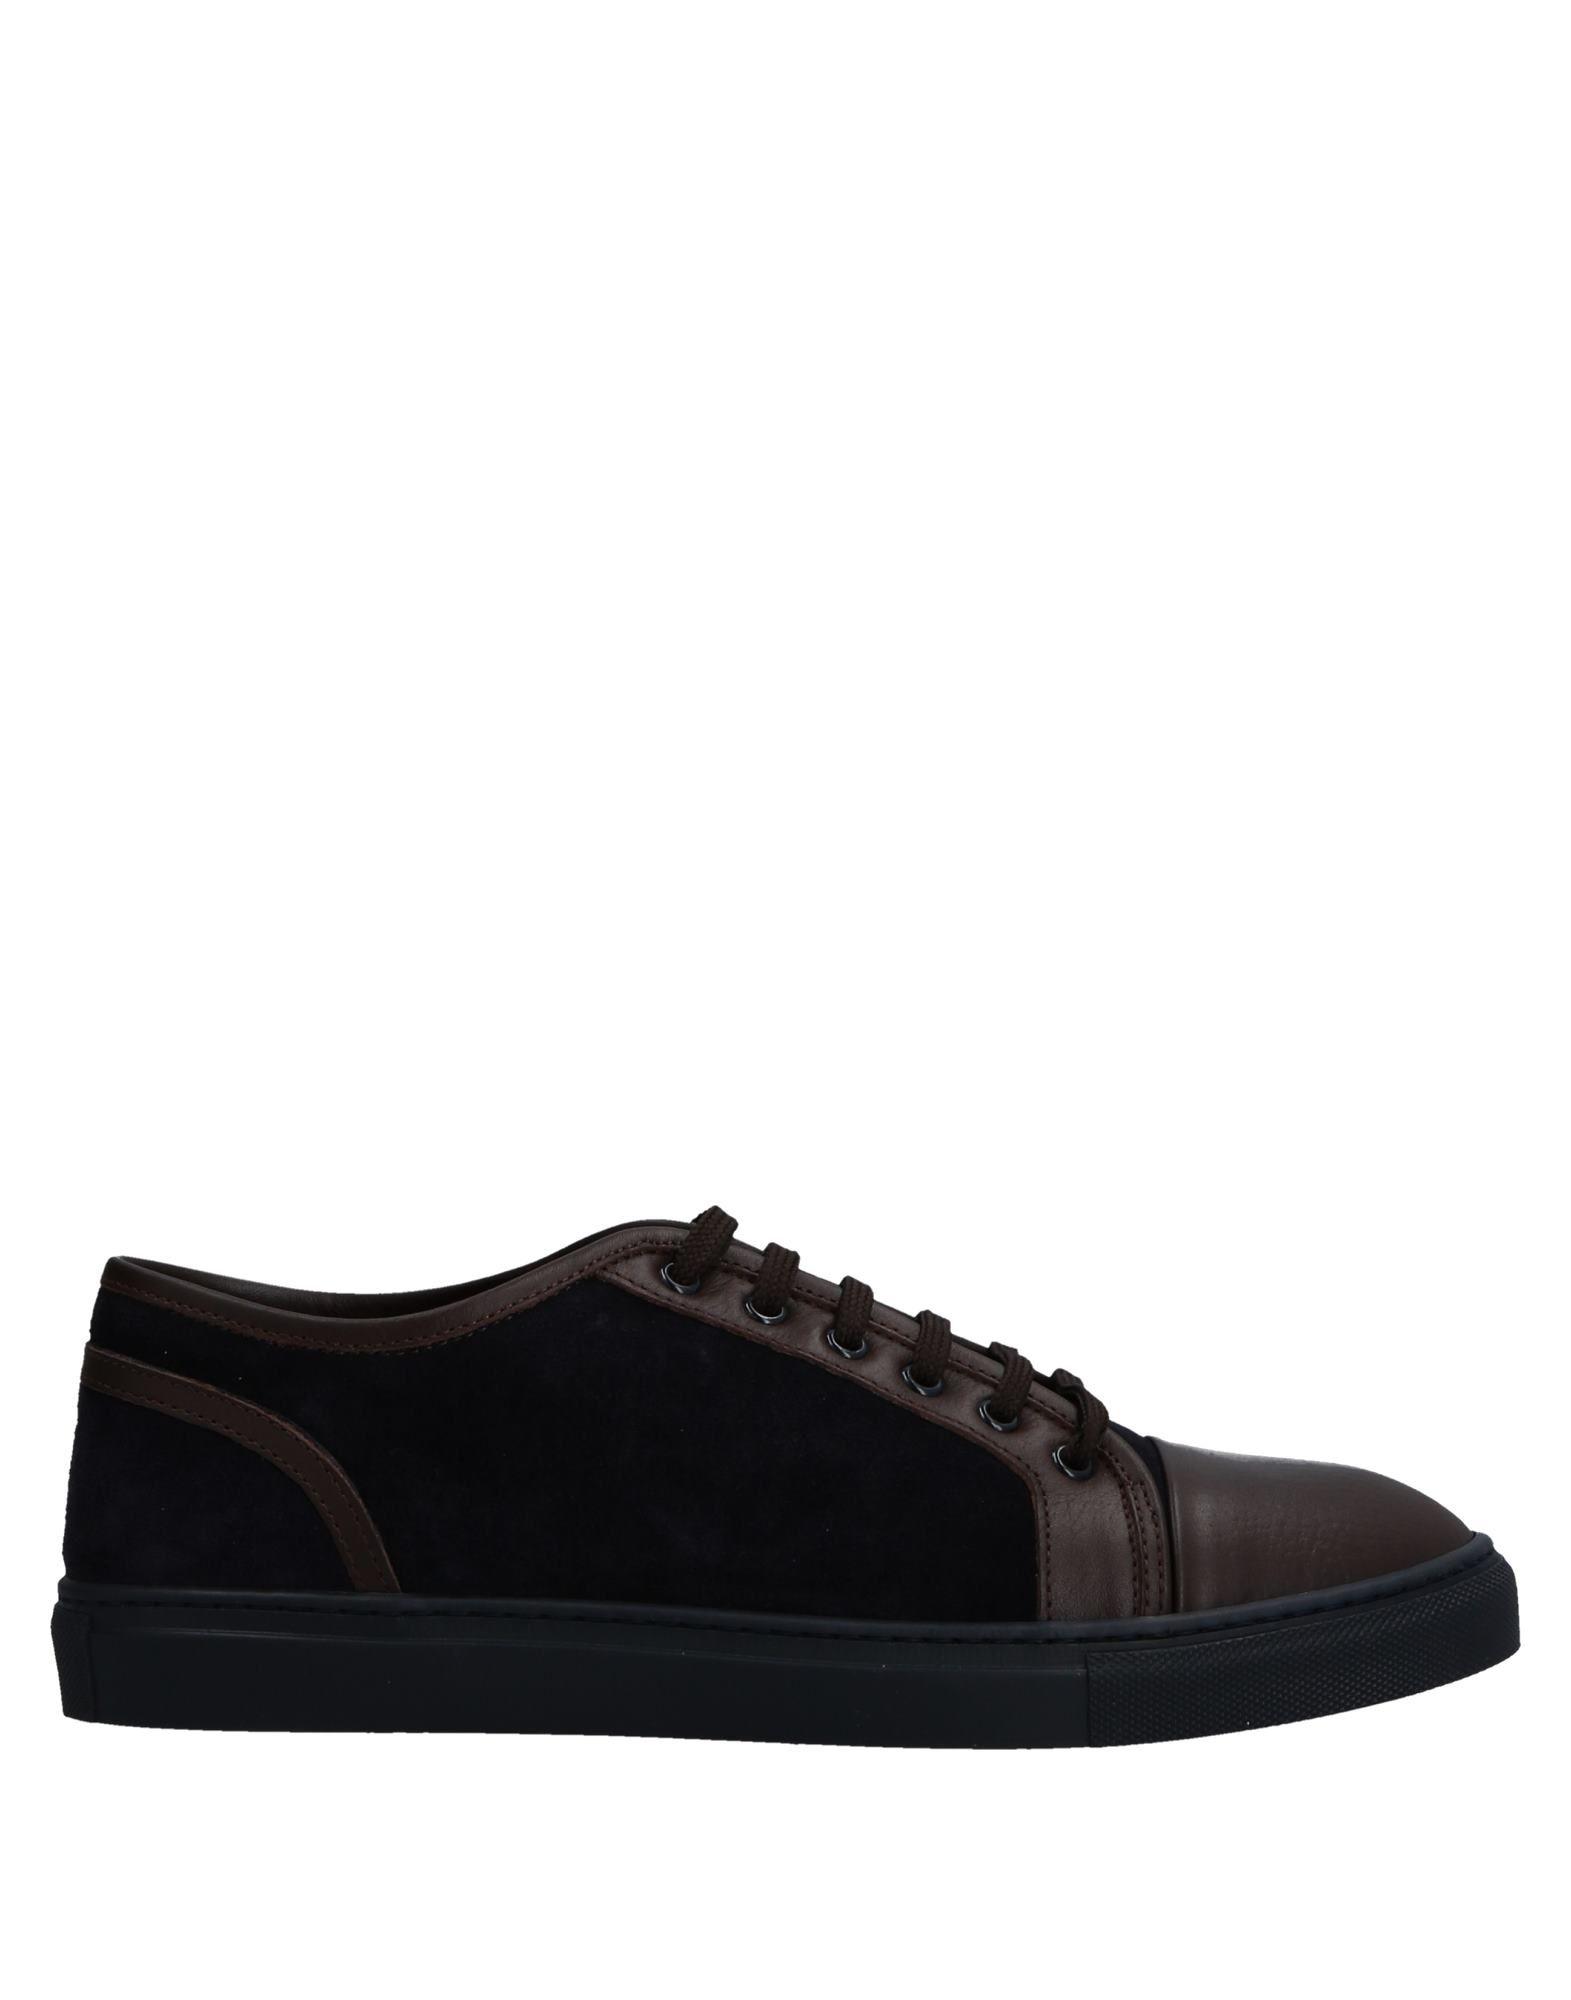 Sneakers Armani Collezioni Uomo - 11530679BL